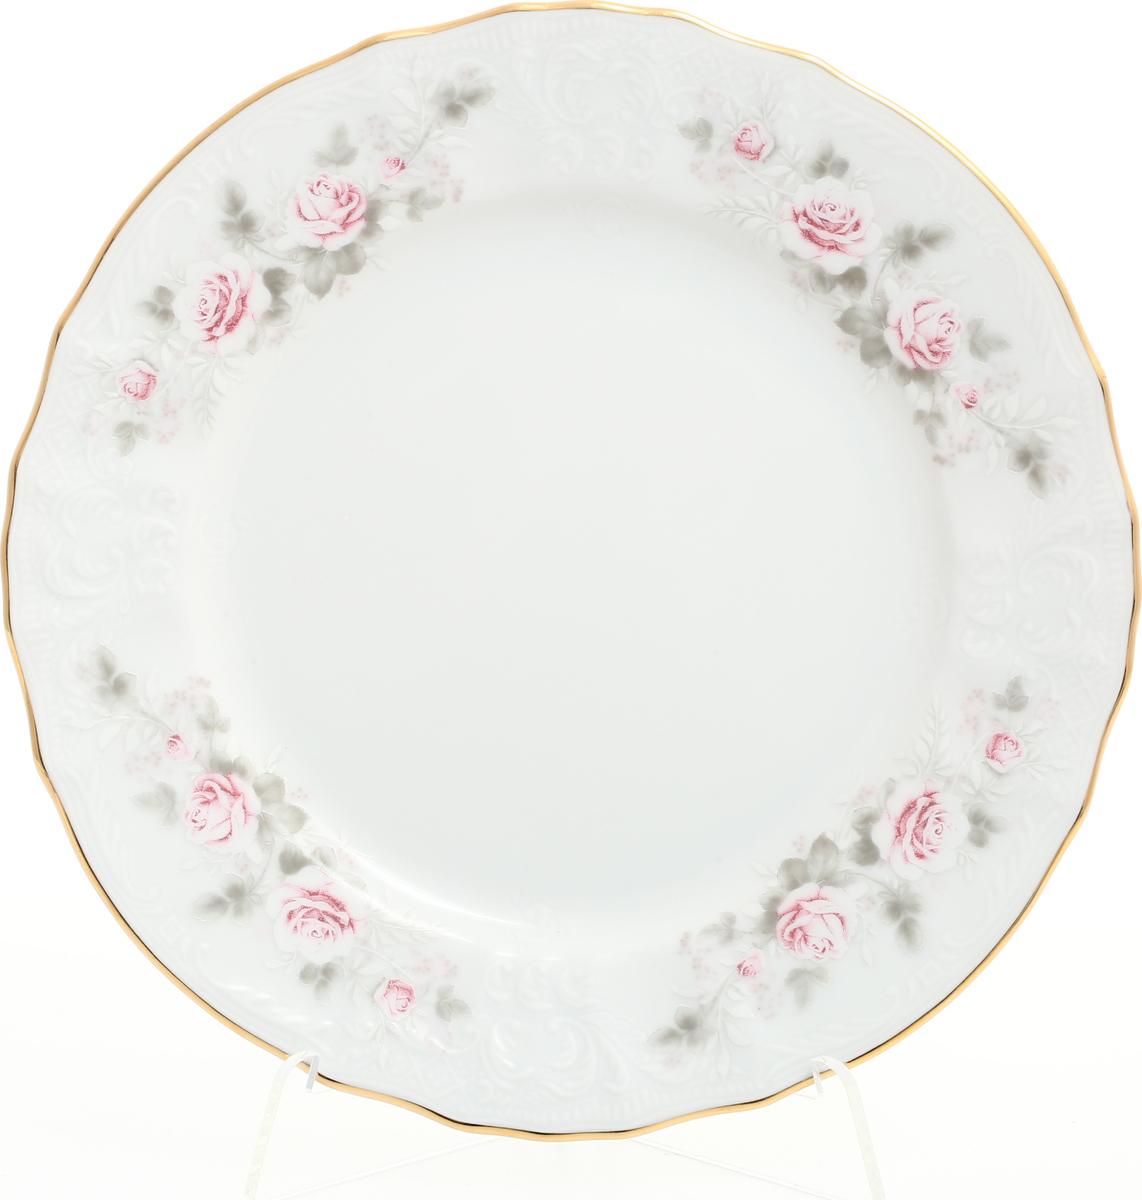 Набор тарелок Bernadotte Серая роза. Золото, диаметр 19 см, 6 шт набор глубоких тарелок bernadotte серая роза золото диаметр 23 см 6 шт